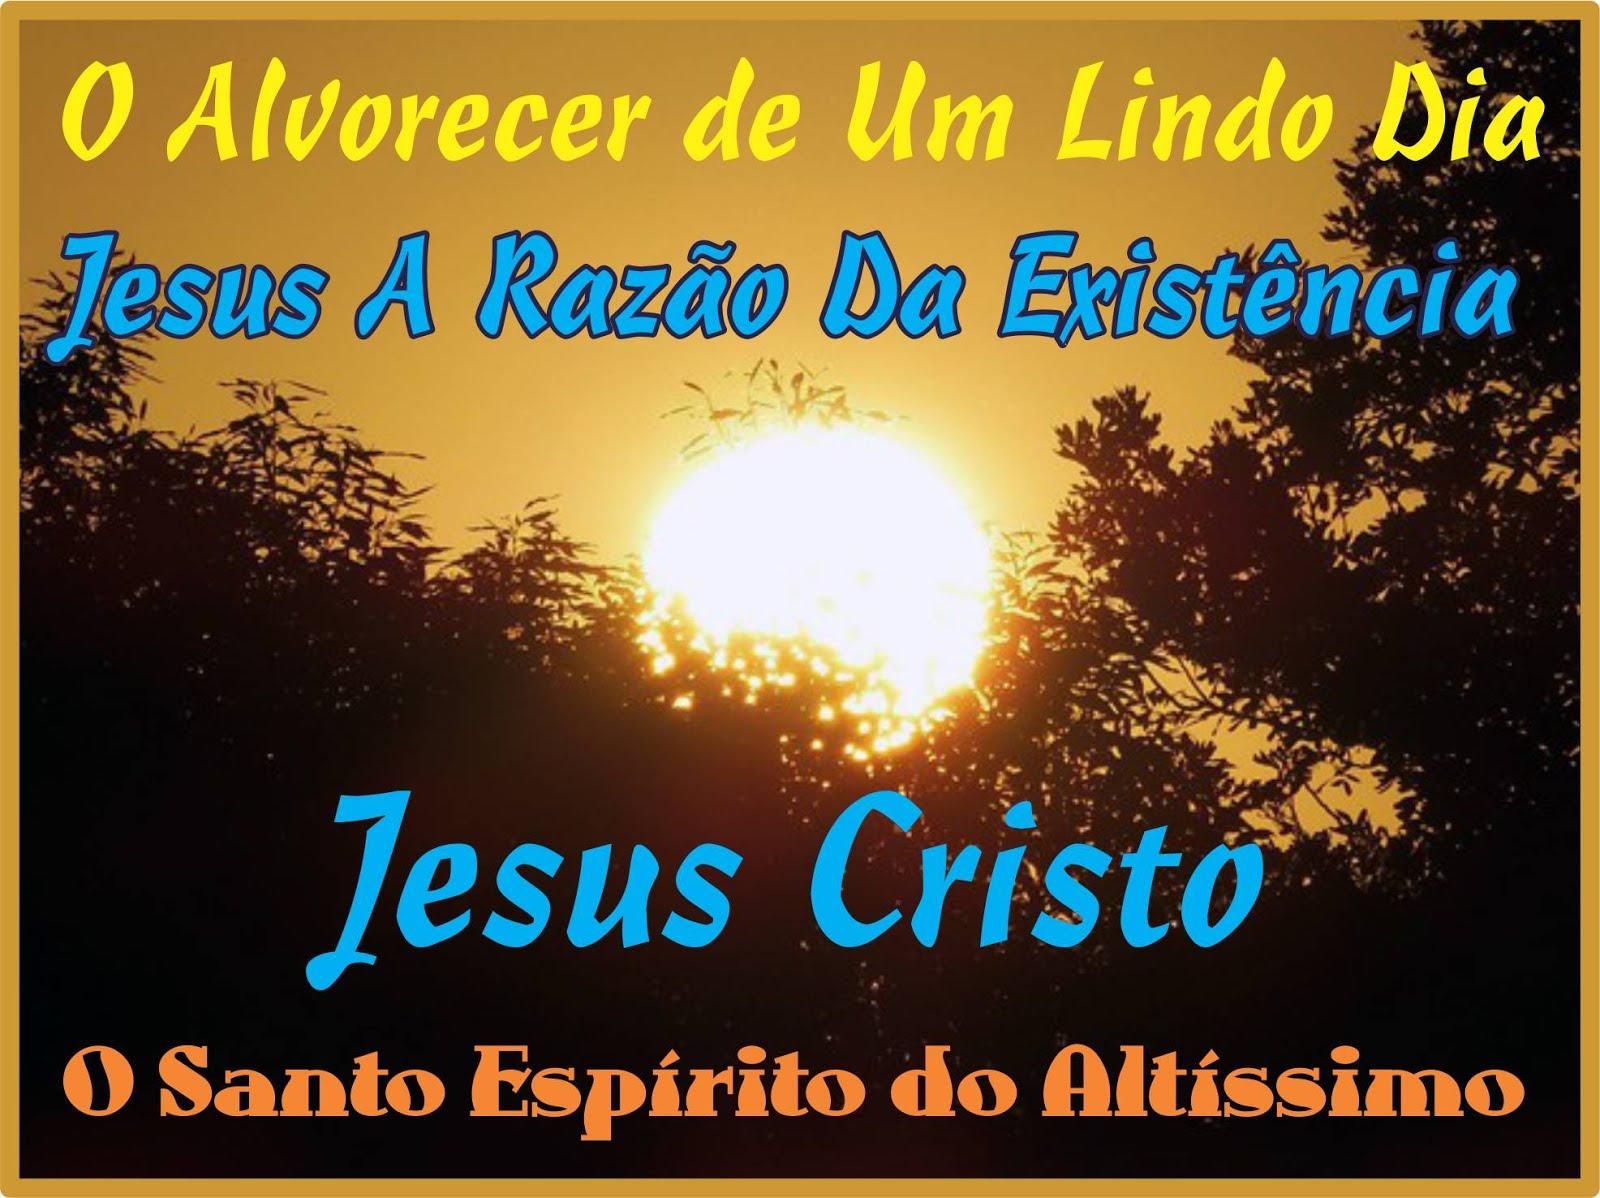 Jesus Cristo Filho Unigênito do Altíssimo